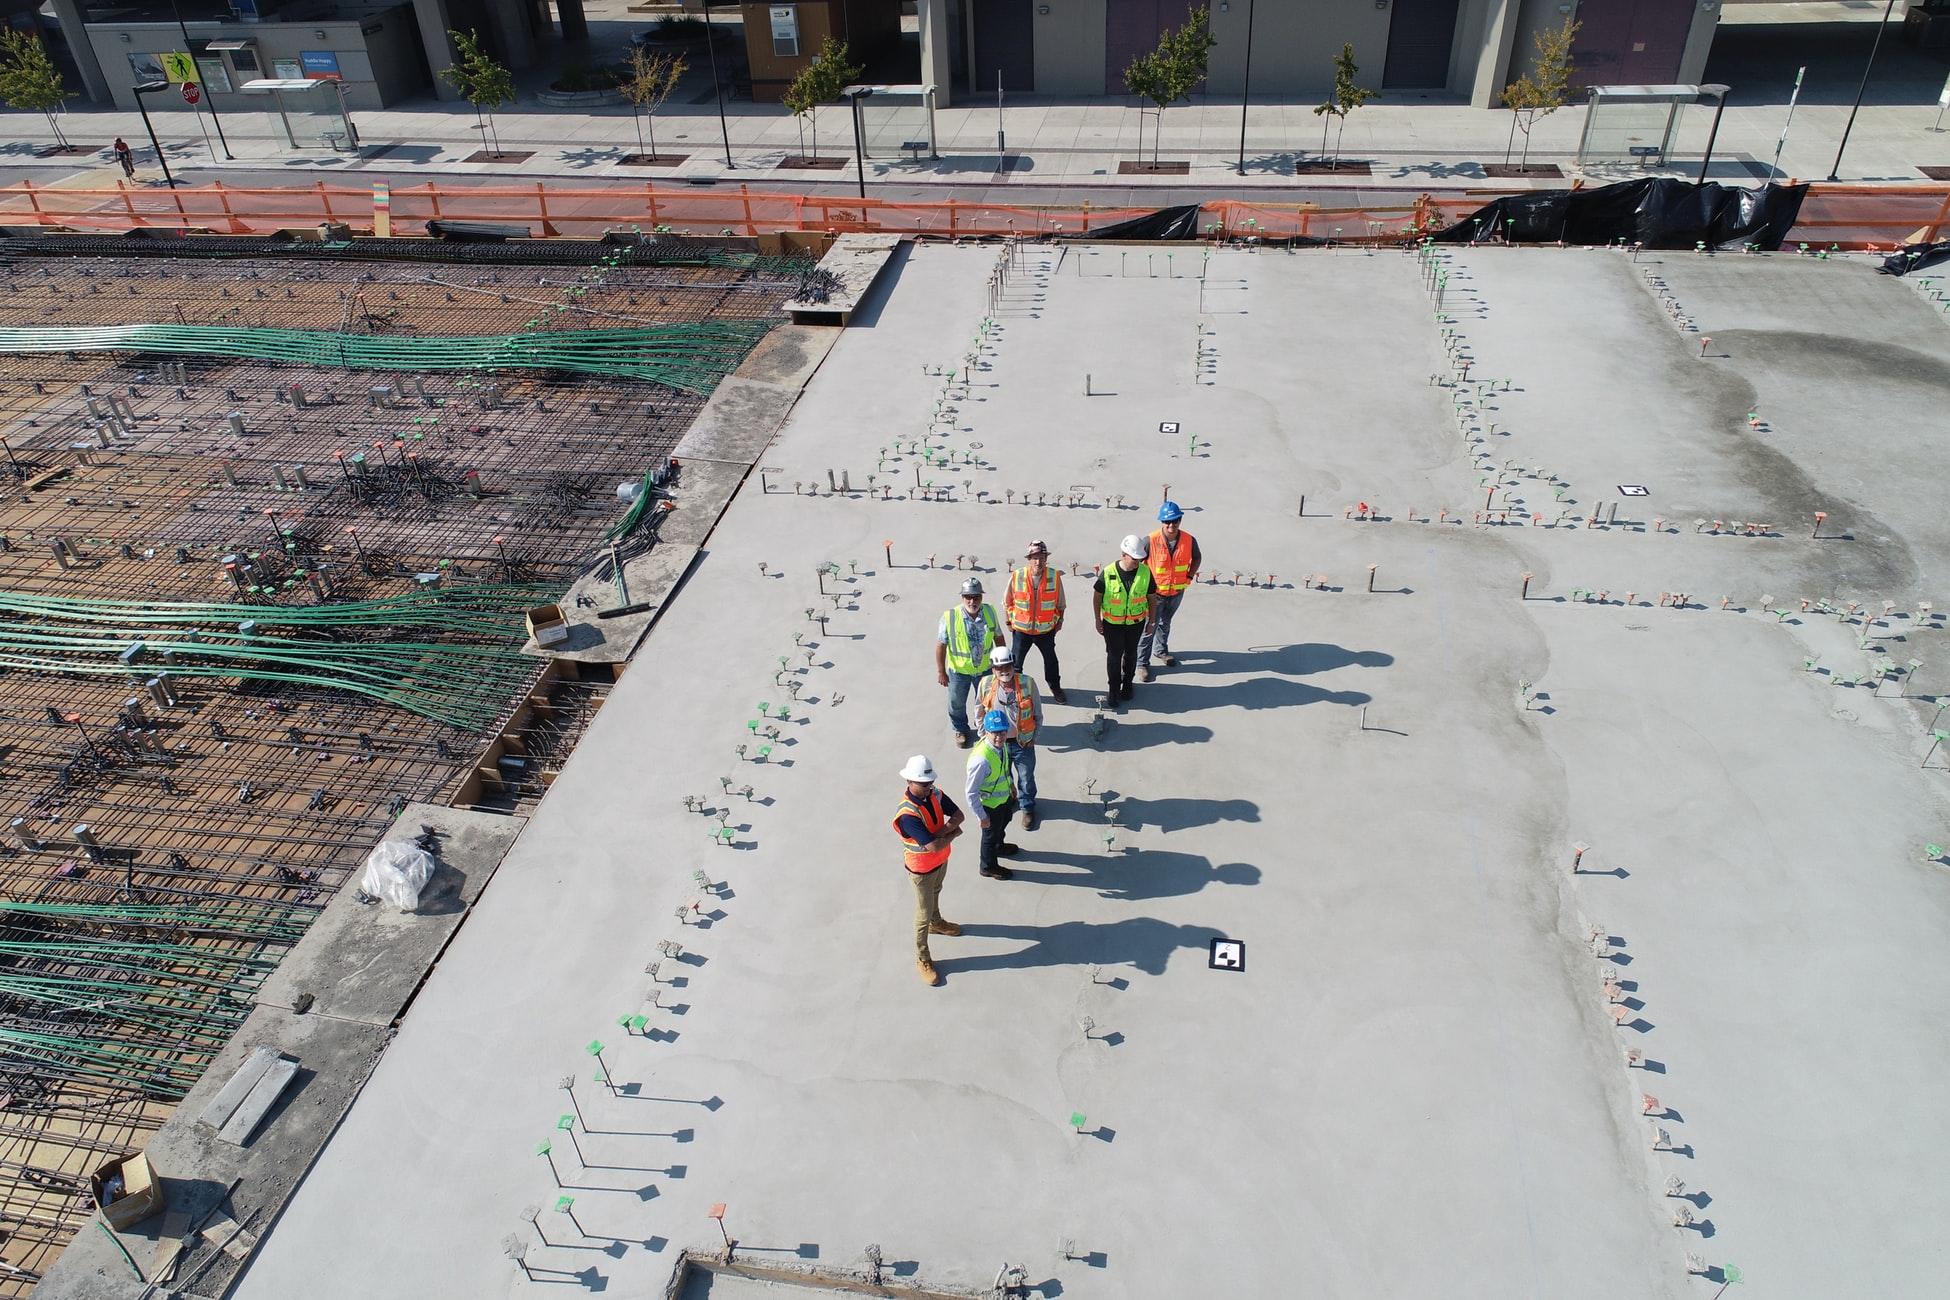 personnes sur un chantier au soleil